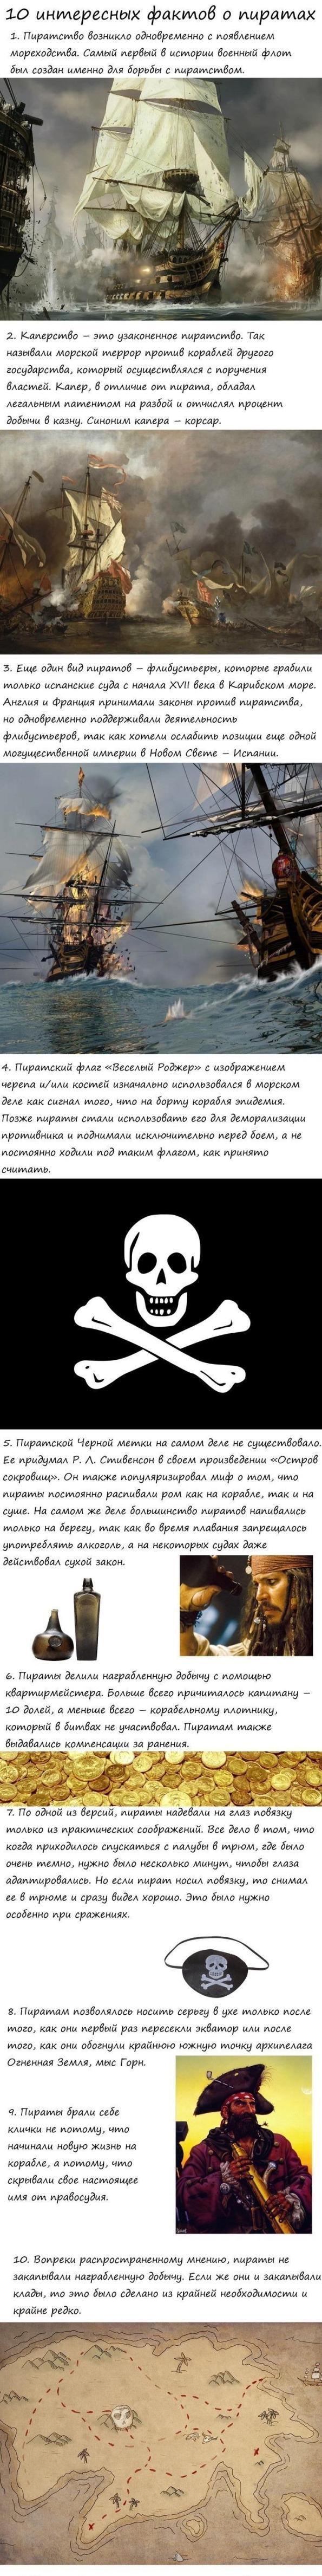 Десятка интересных фактов о пиратах